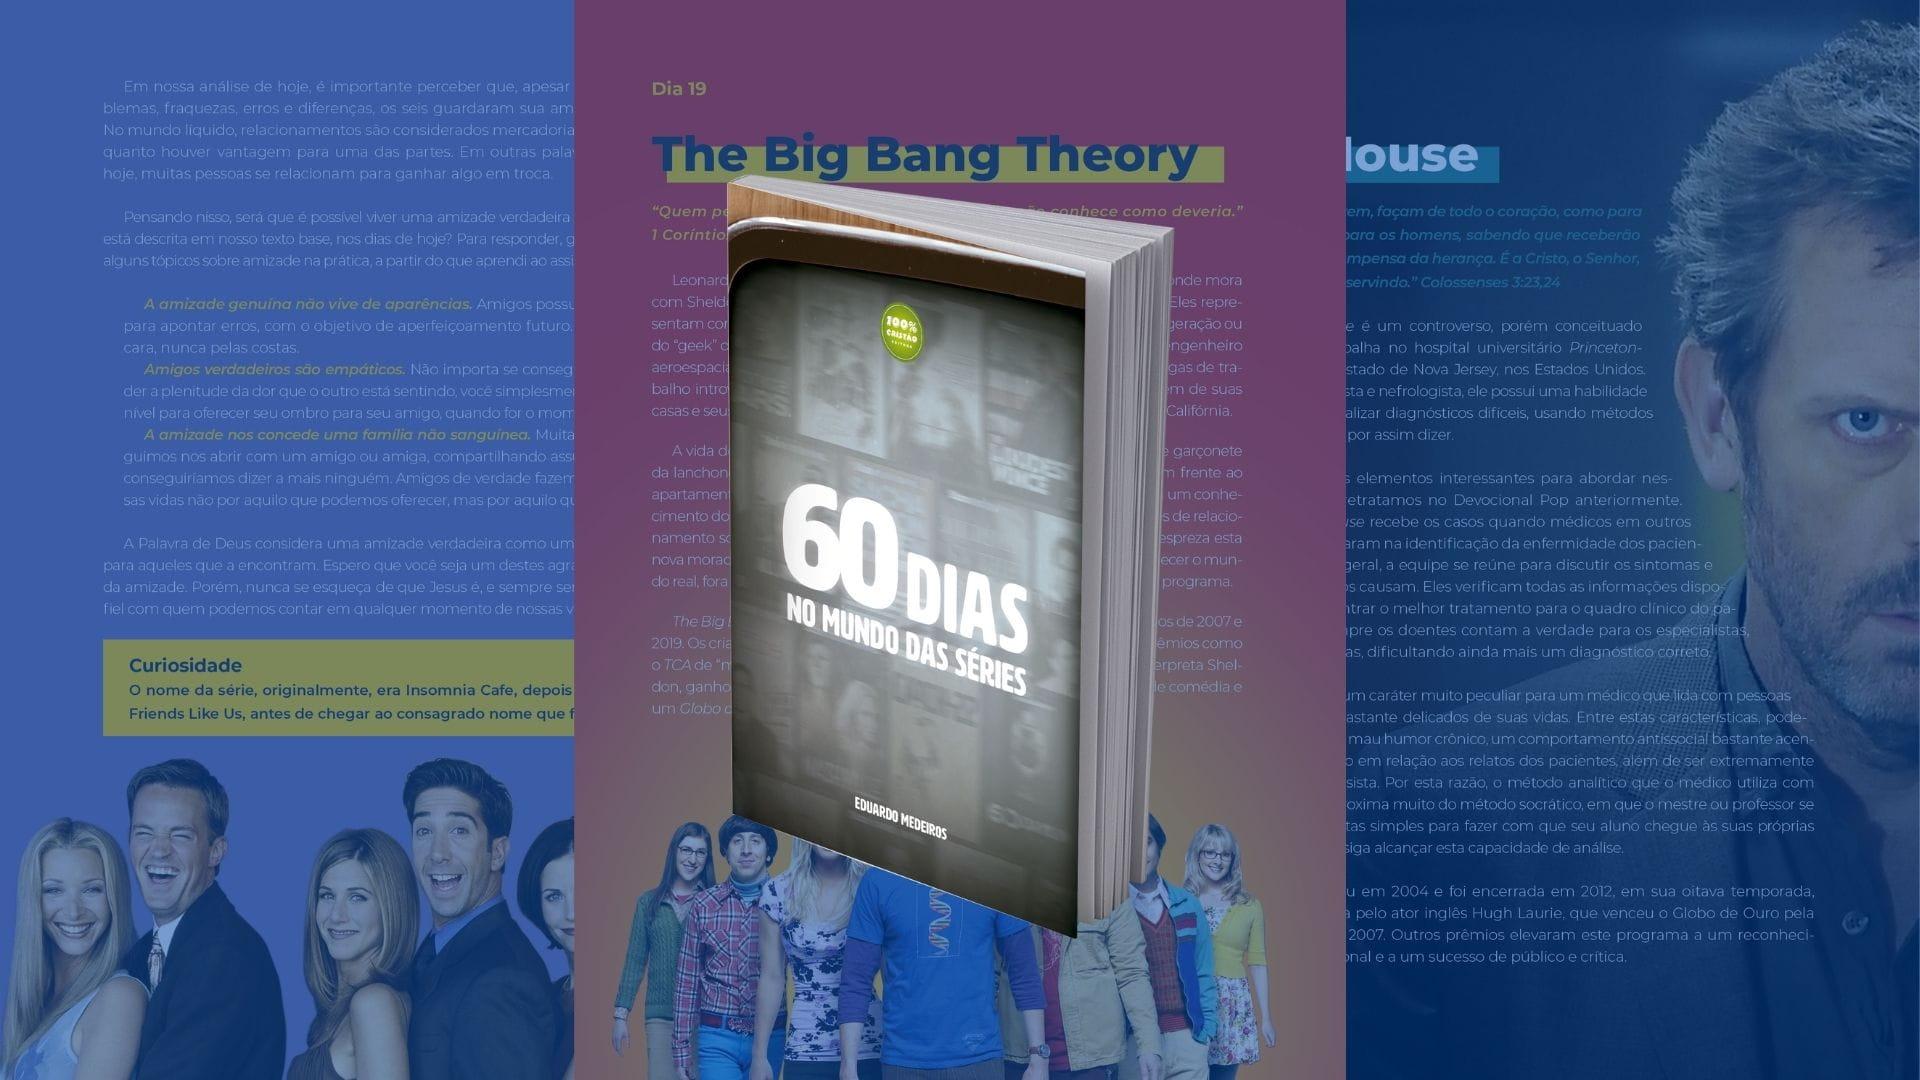 60 Dias no Mundo das Séries   Livro tem anexo surpresa para leitores, entenda tudo